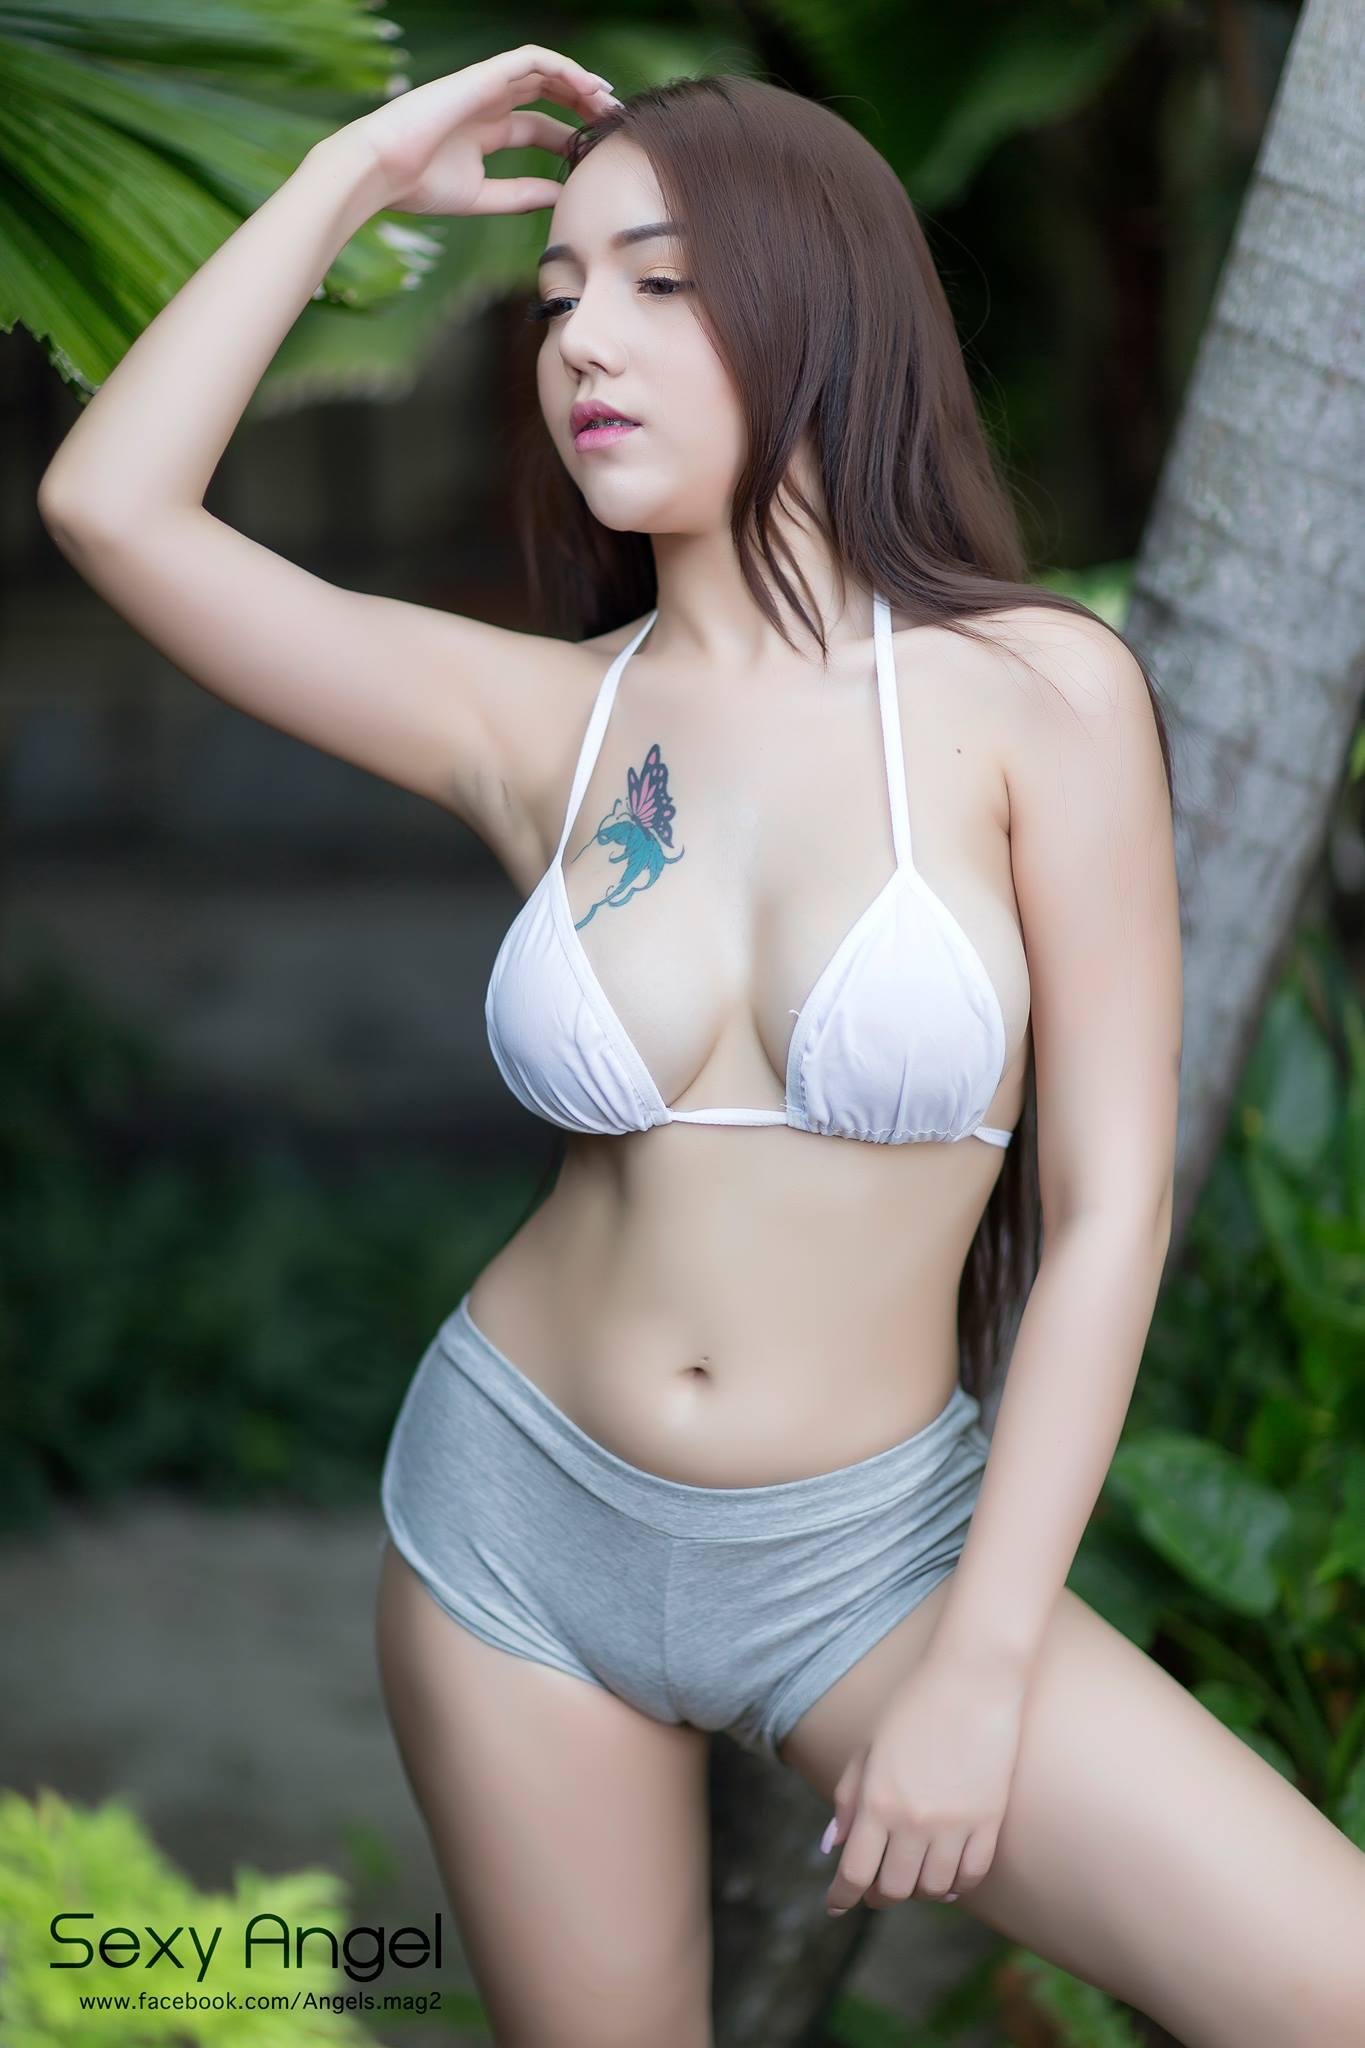 hot pose Asian girls